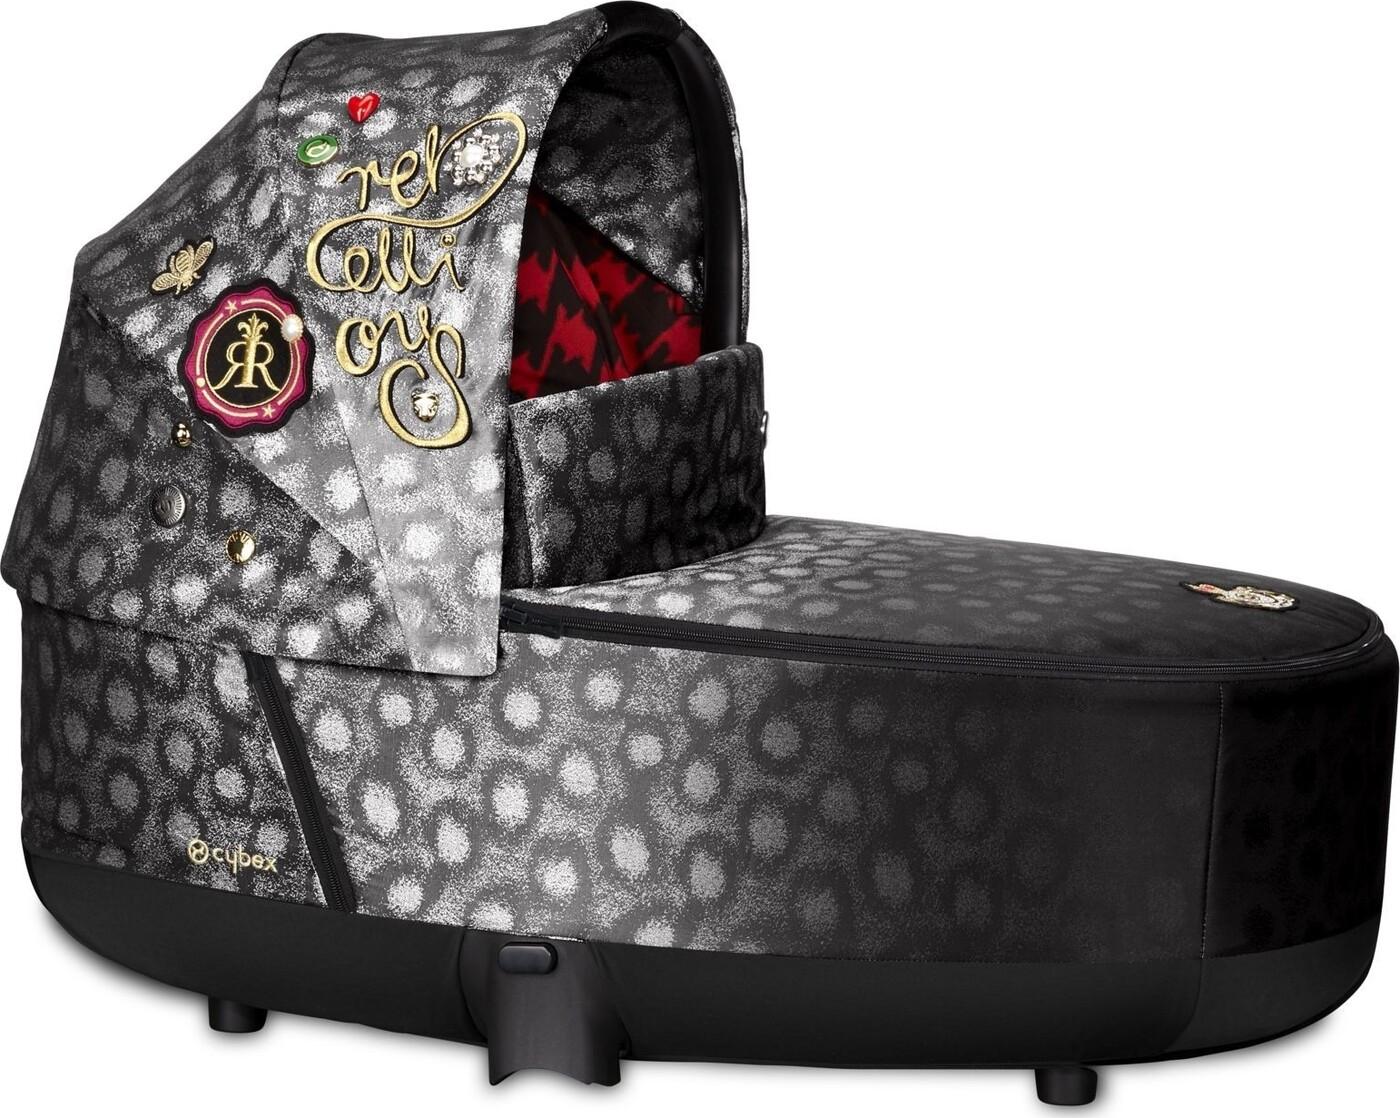 Cybex спальный блок для коляски Priam III (Rebellious)